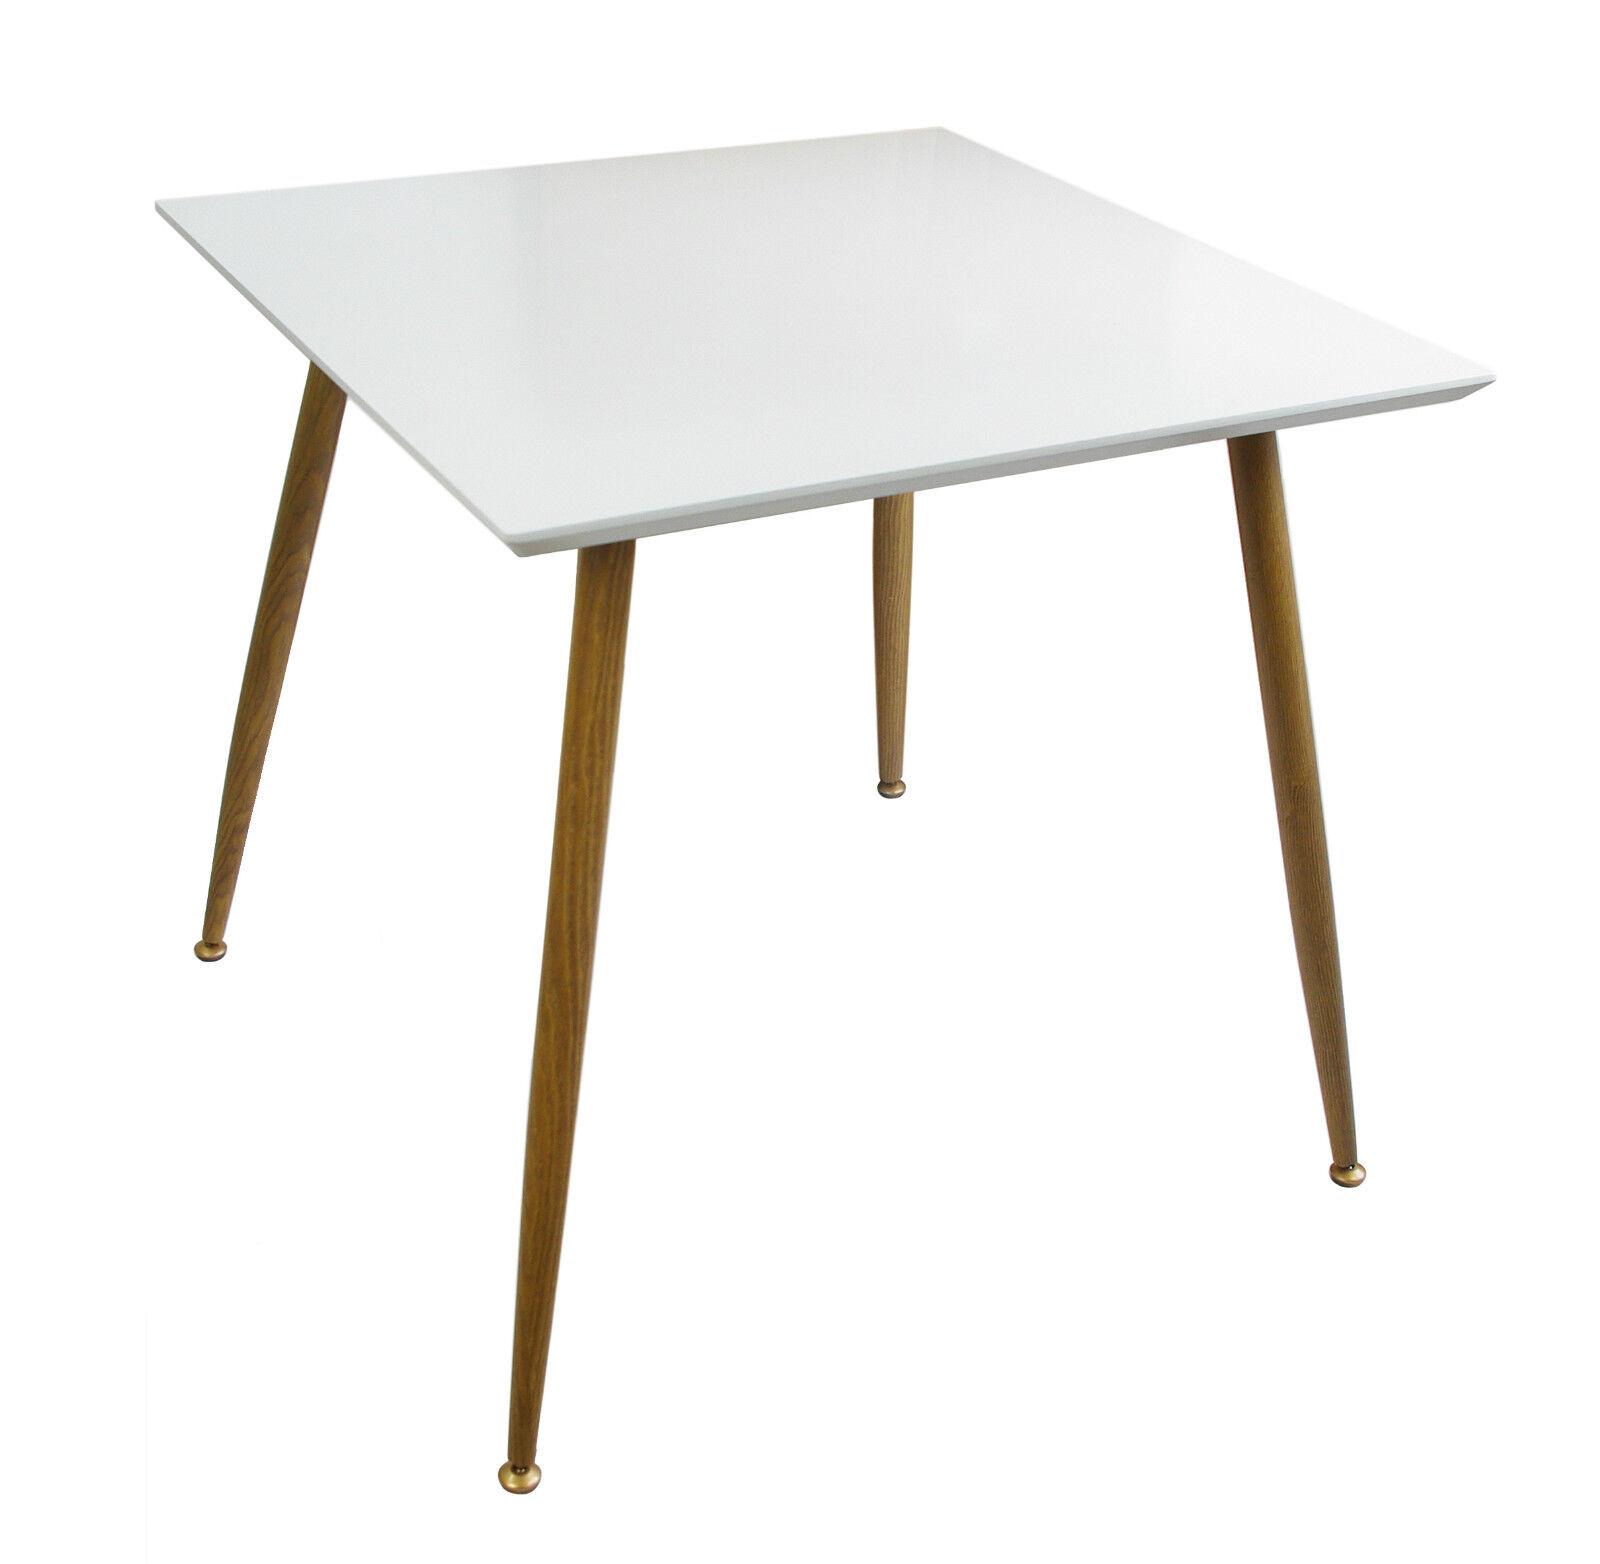 Esstisch Schreibtisch ~ Tisch Esstisch Küchentisch Schreibtisch 80x80cm Holz Platte + Metall Beine H2